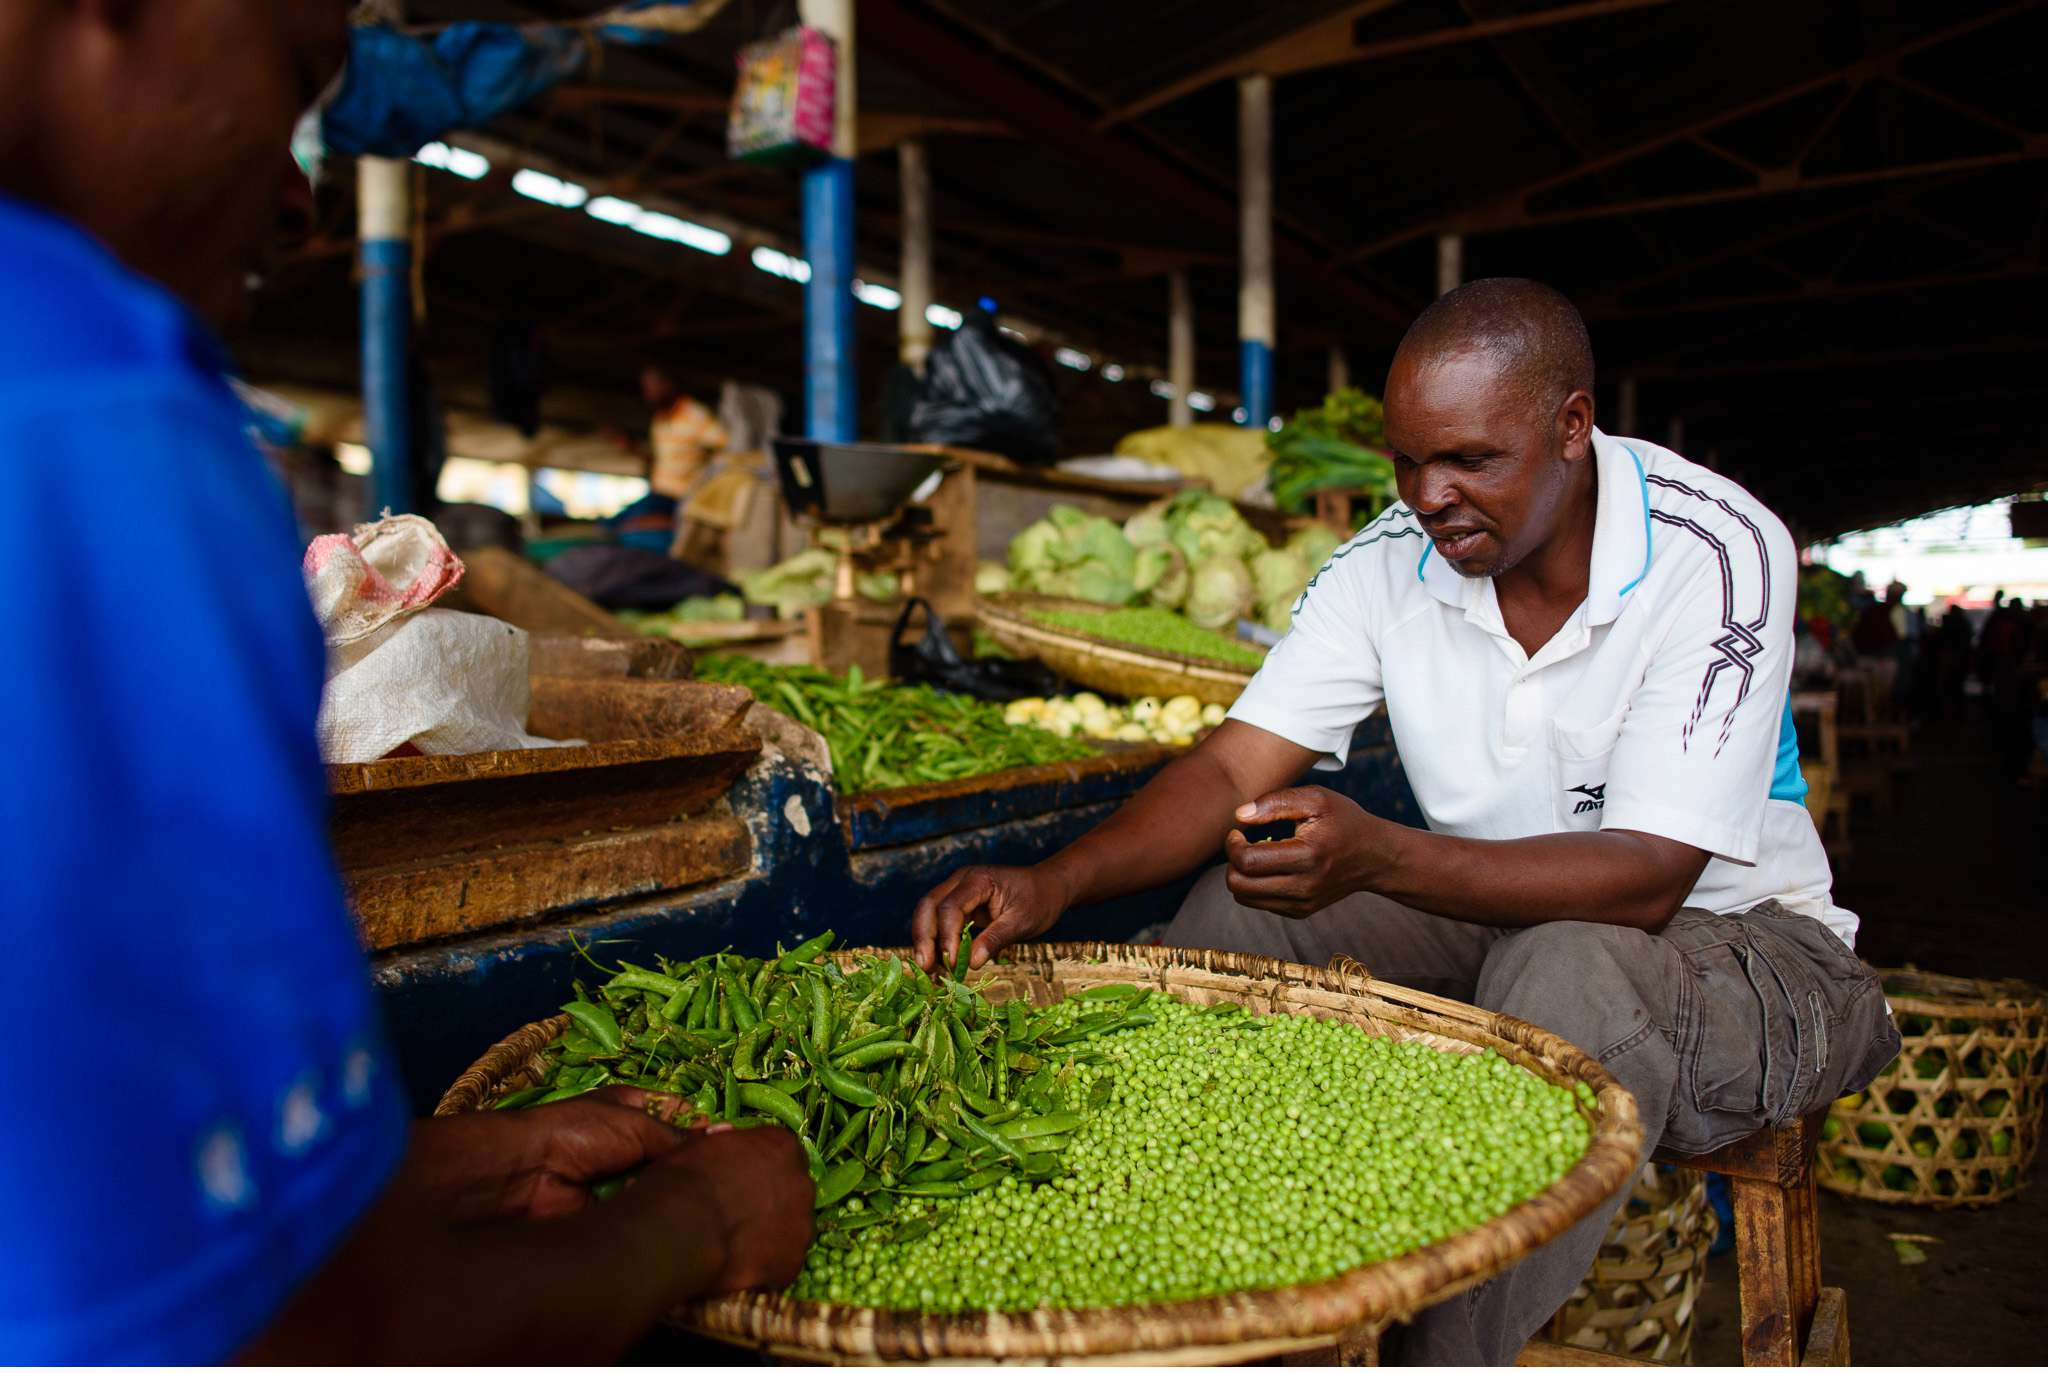 Malawi-Quer durch Afrika- Geschichten von unterwegs by Marion and Daniel-116